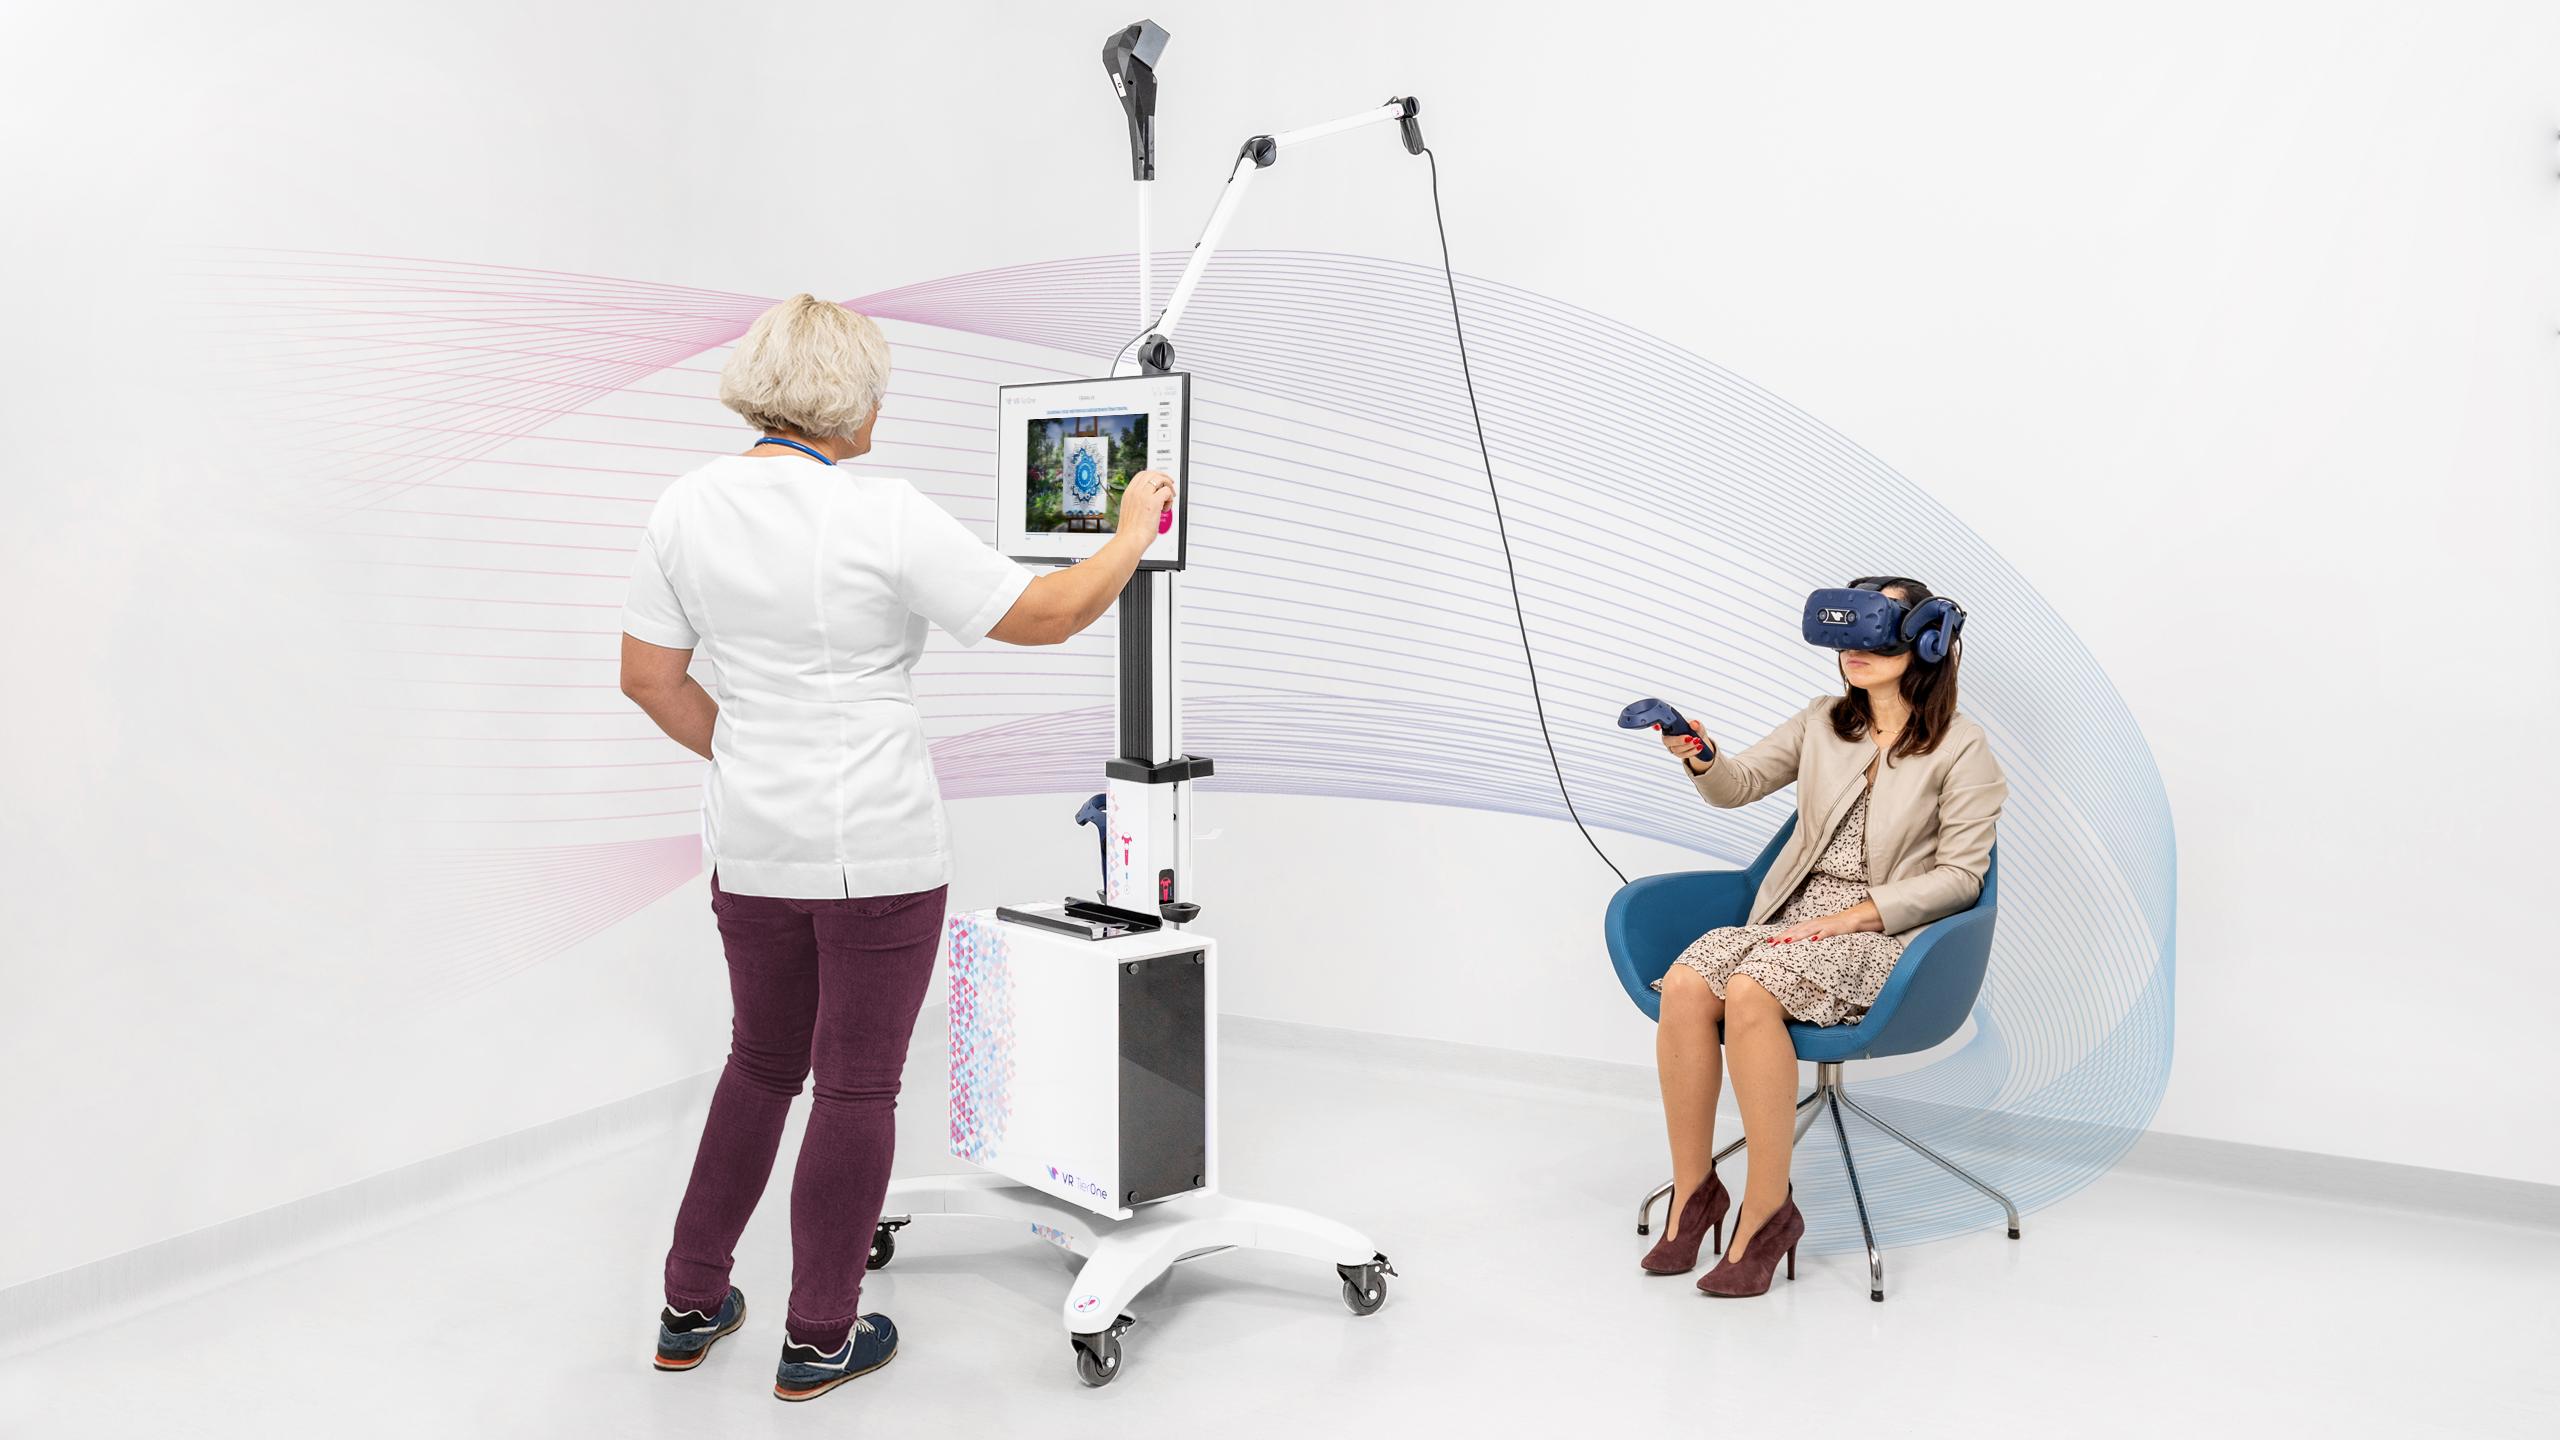 vr-tierone-wirtualna-rzeczywistosc-leczenie-depresji